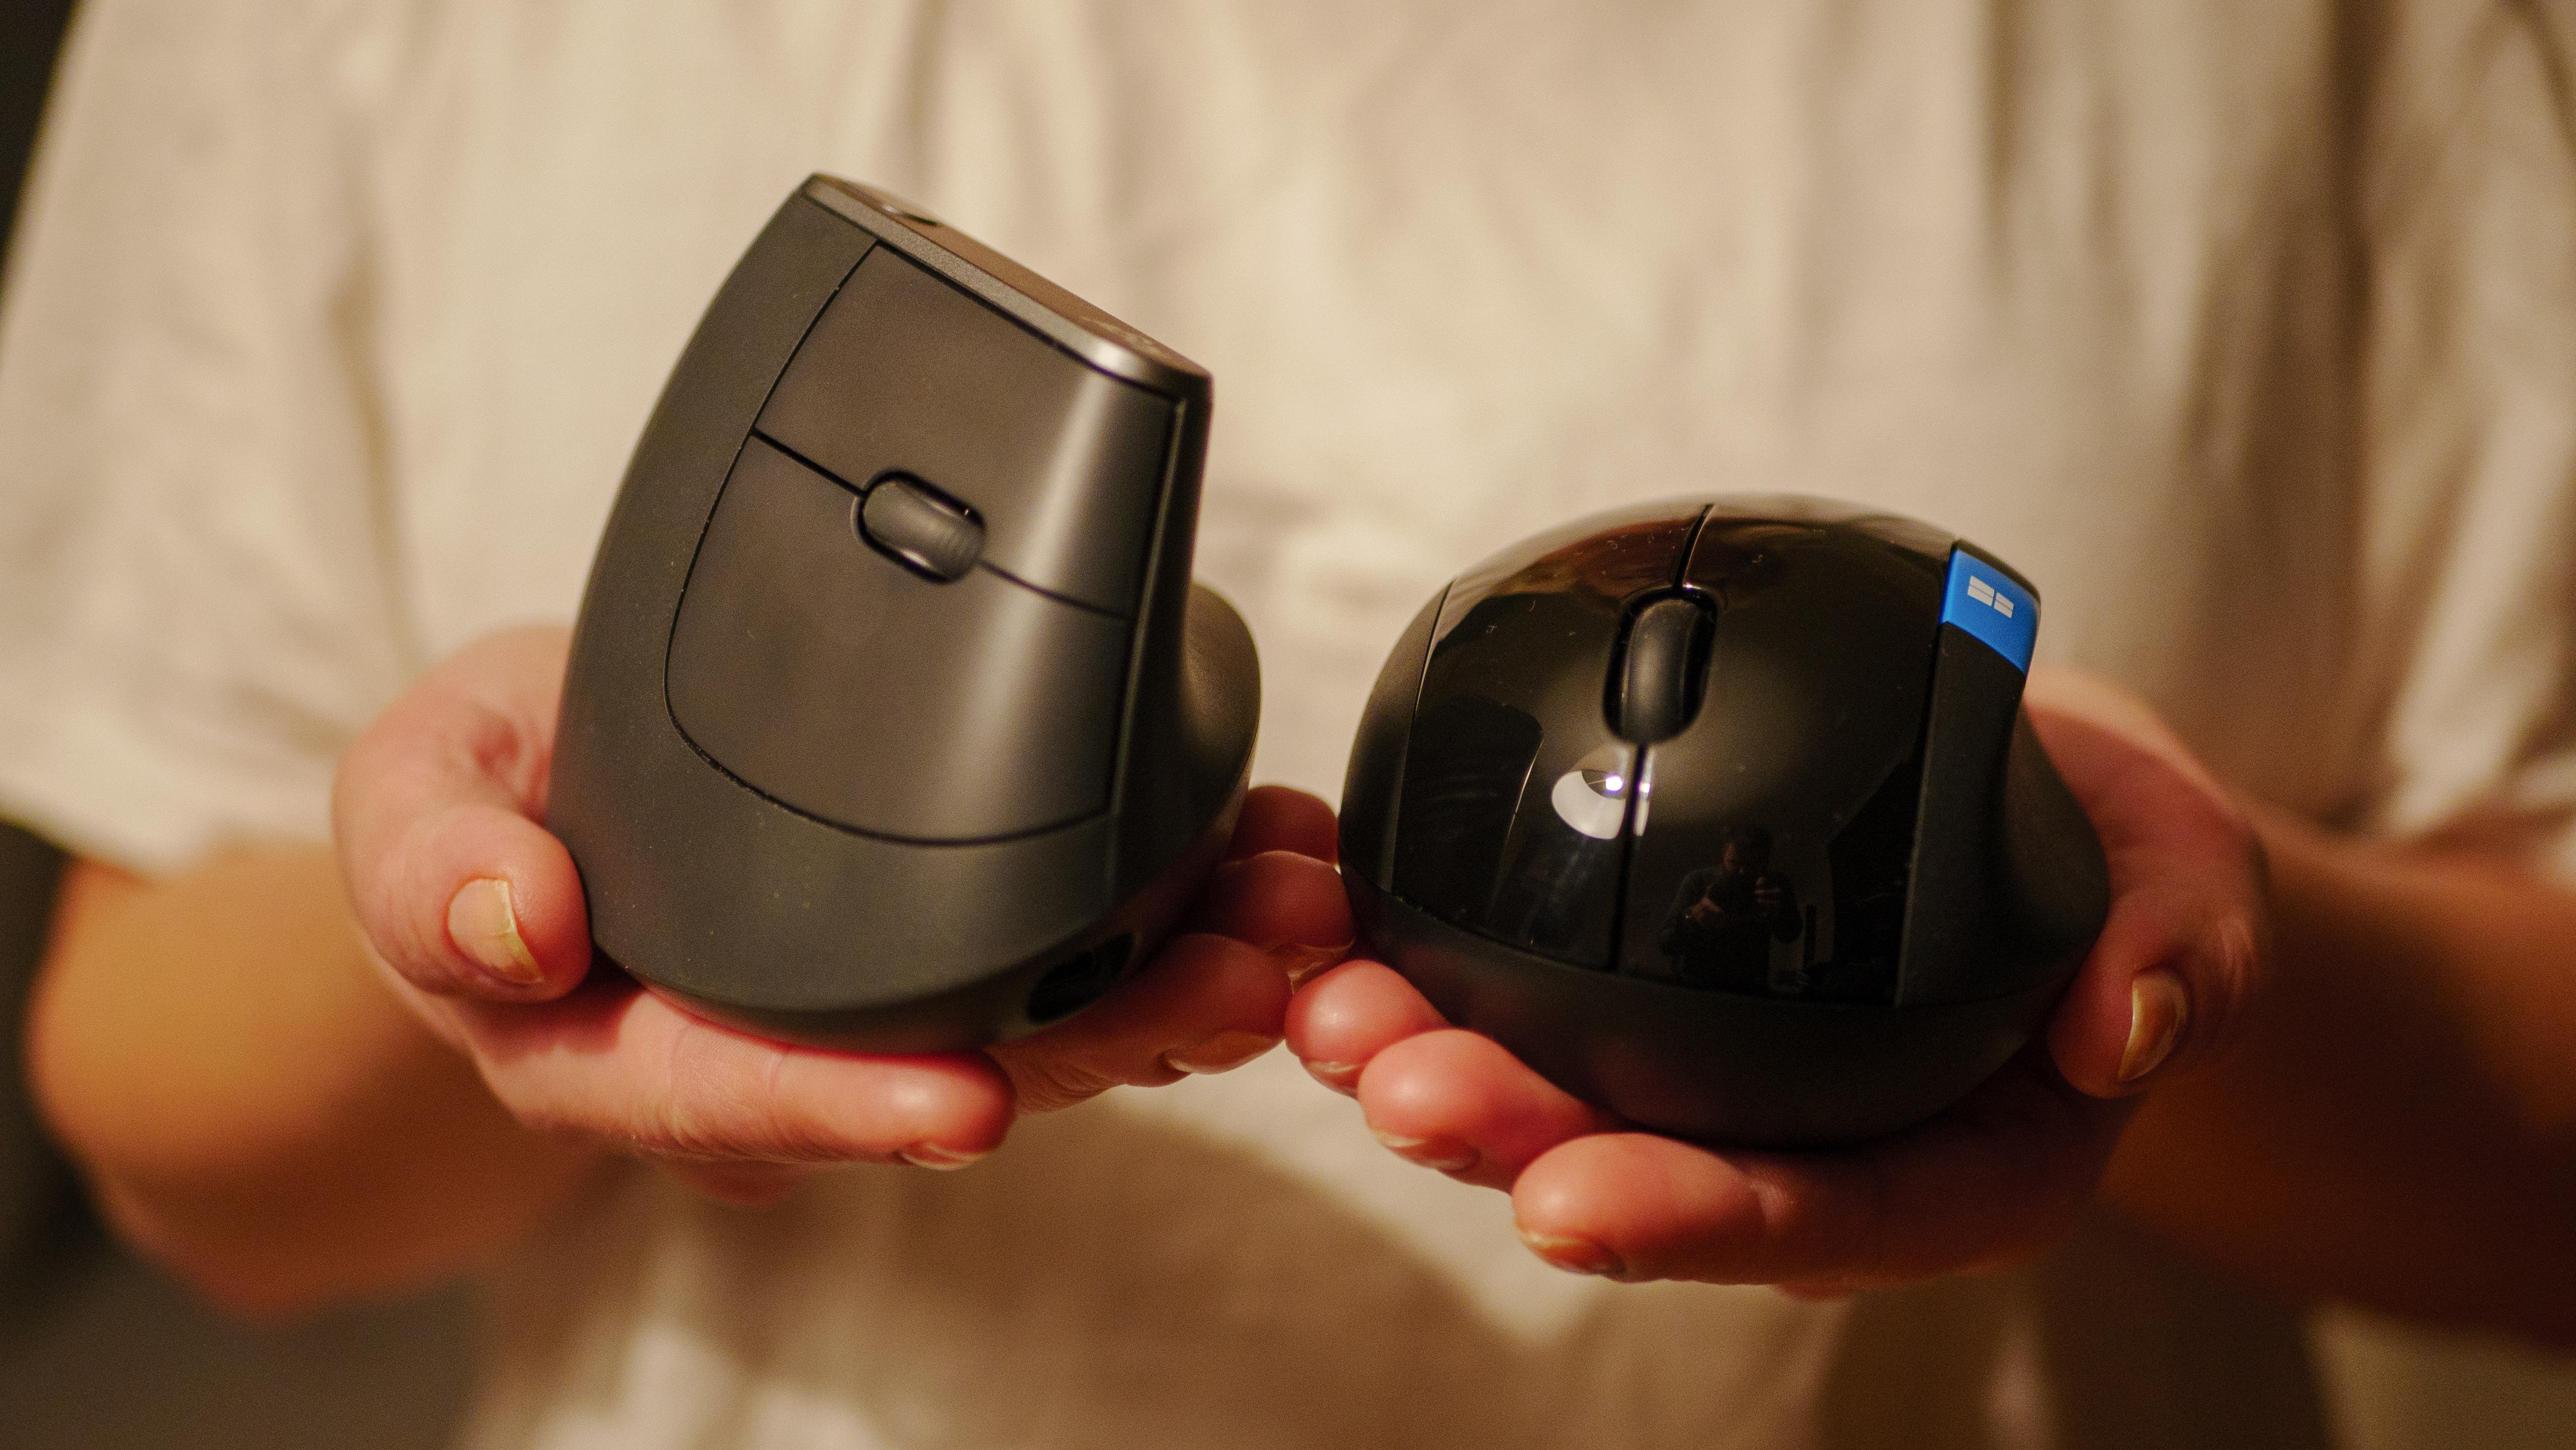 Logitech MX Vertical til venstre, Microsoft Sculpt Ergonomic til høyre.